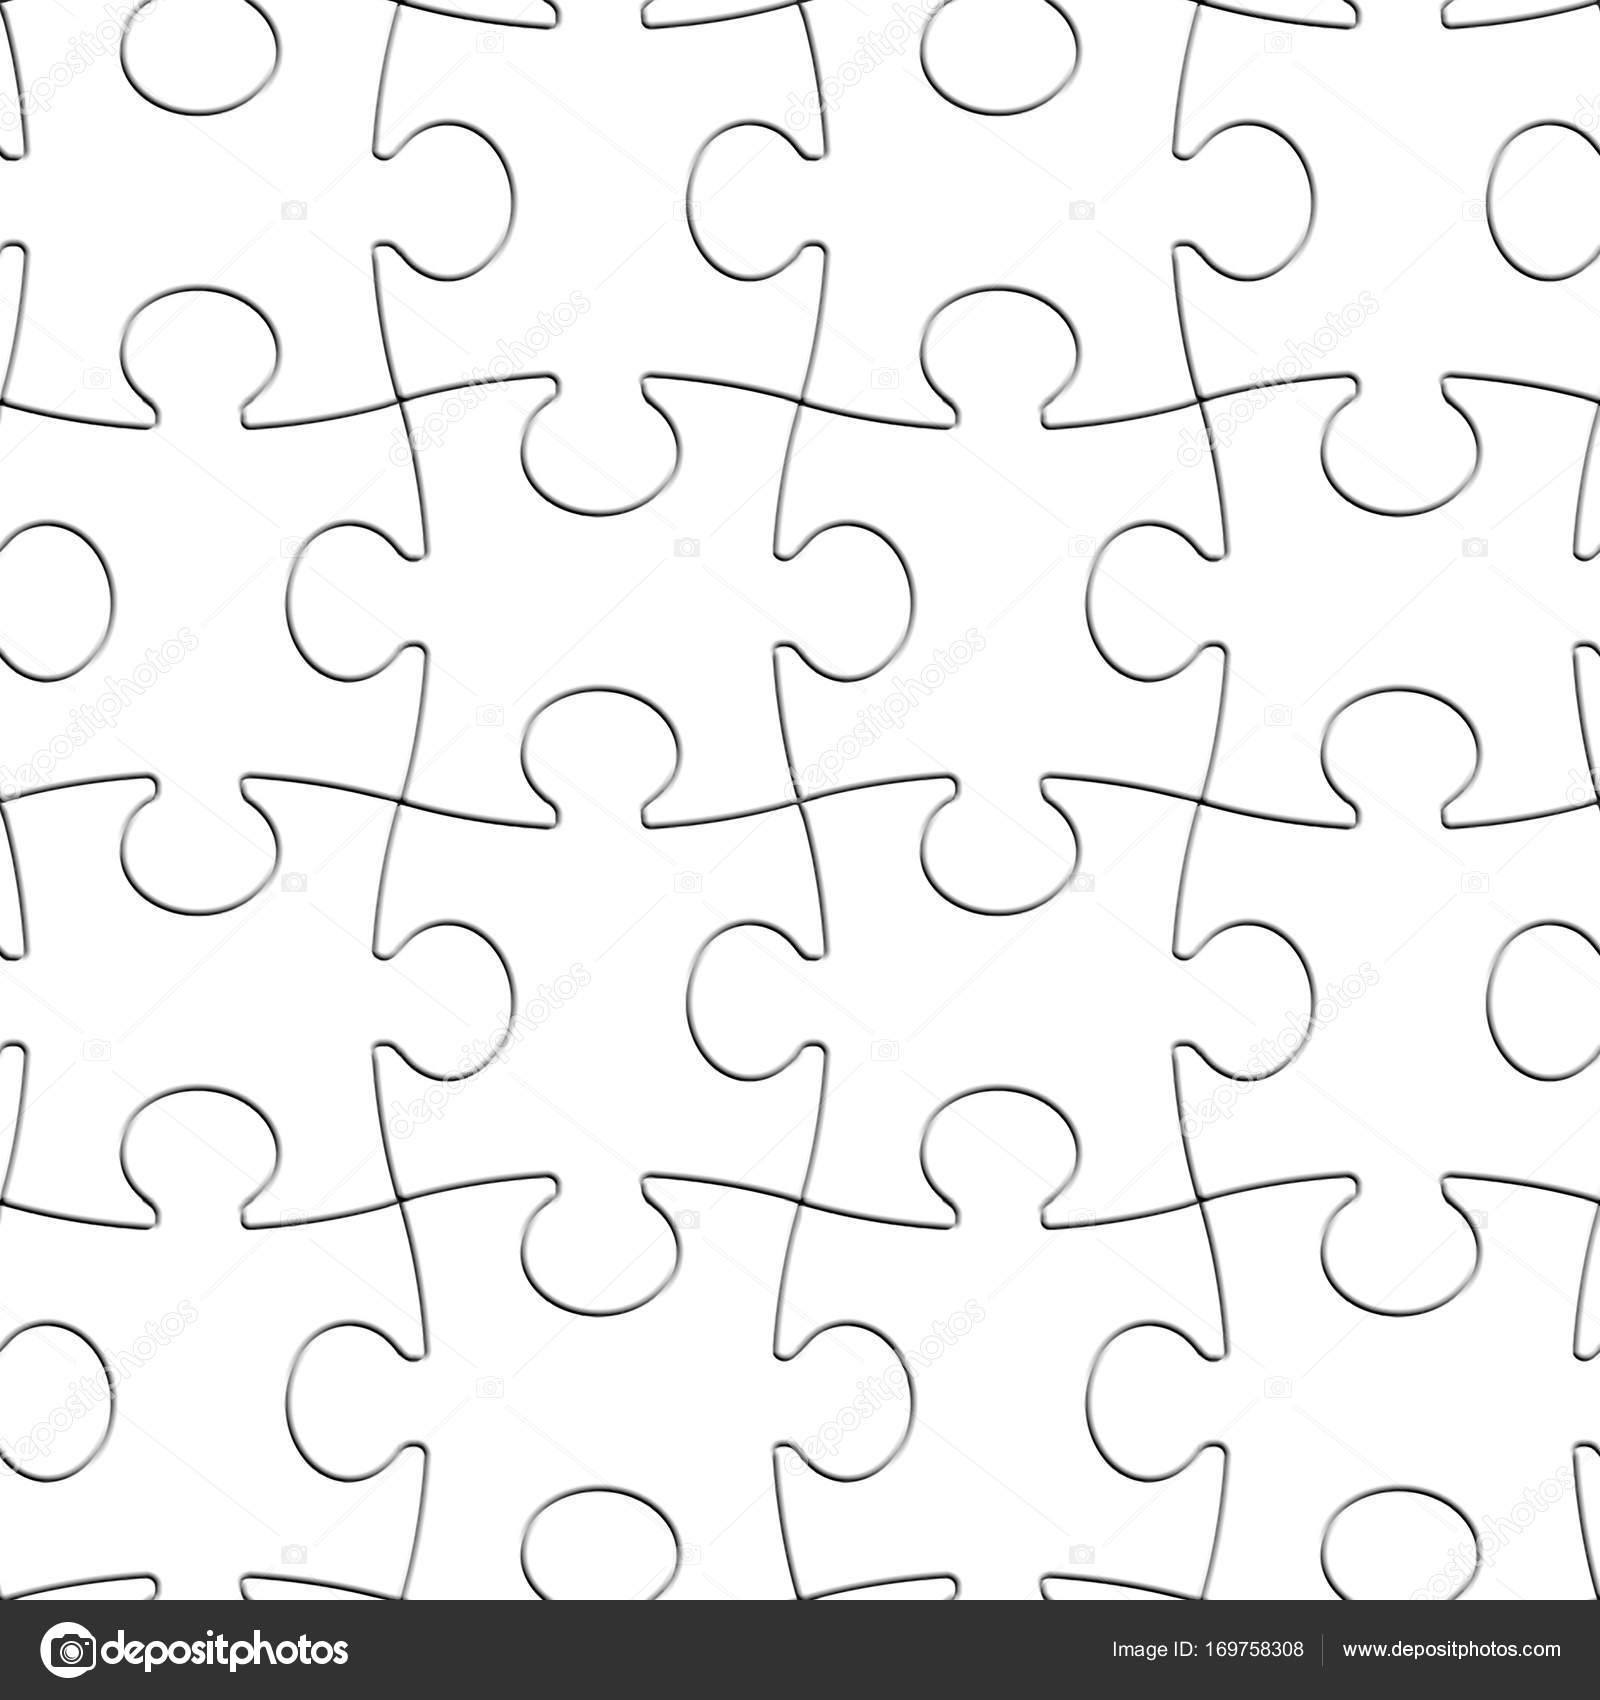 puzzle weispieler nahtlose hintergrund leere komplette puzzle muster foto von vladimirs - Puzzle Muster